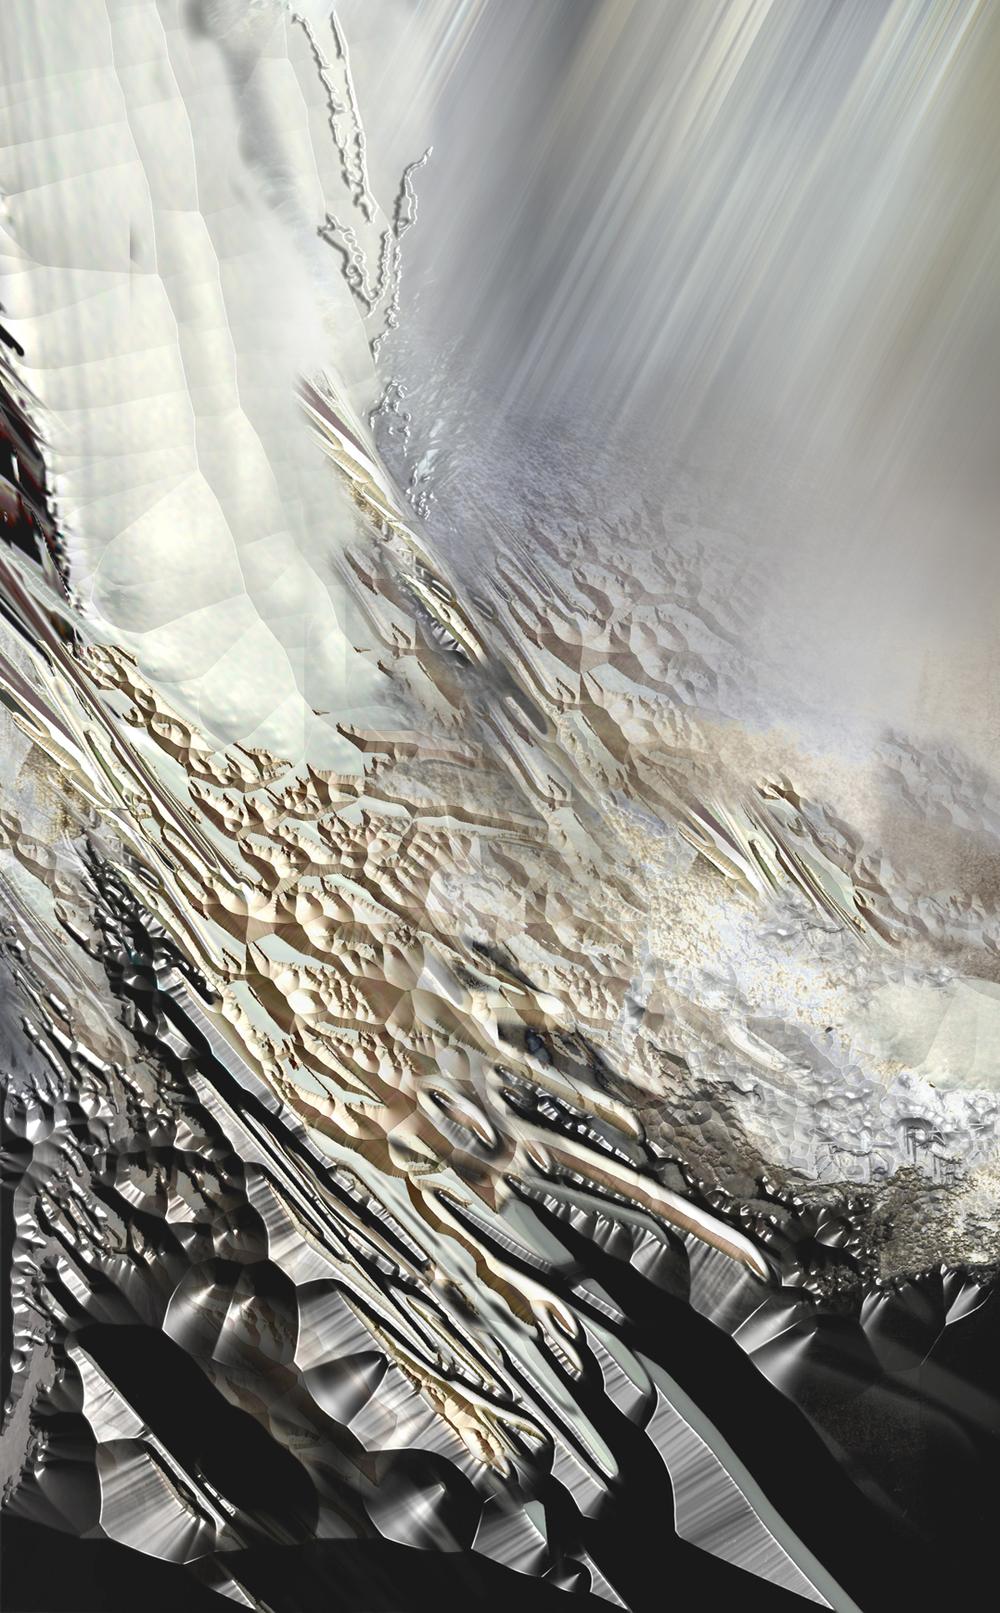 Góry 6, Lawina III,100x70 cm, 2002.jpg